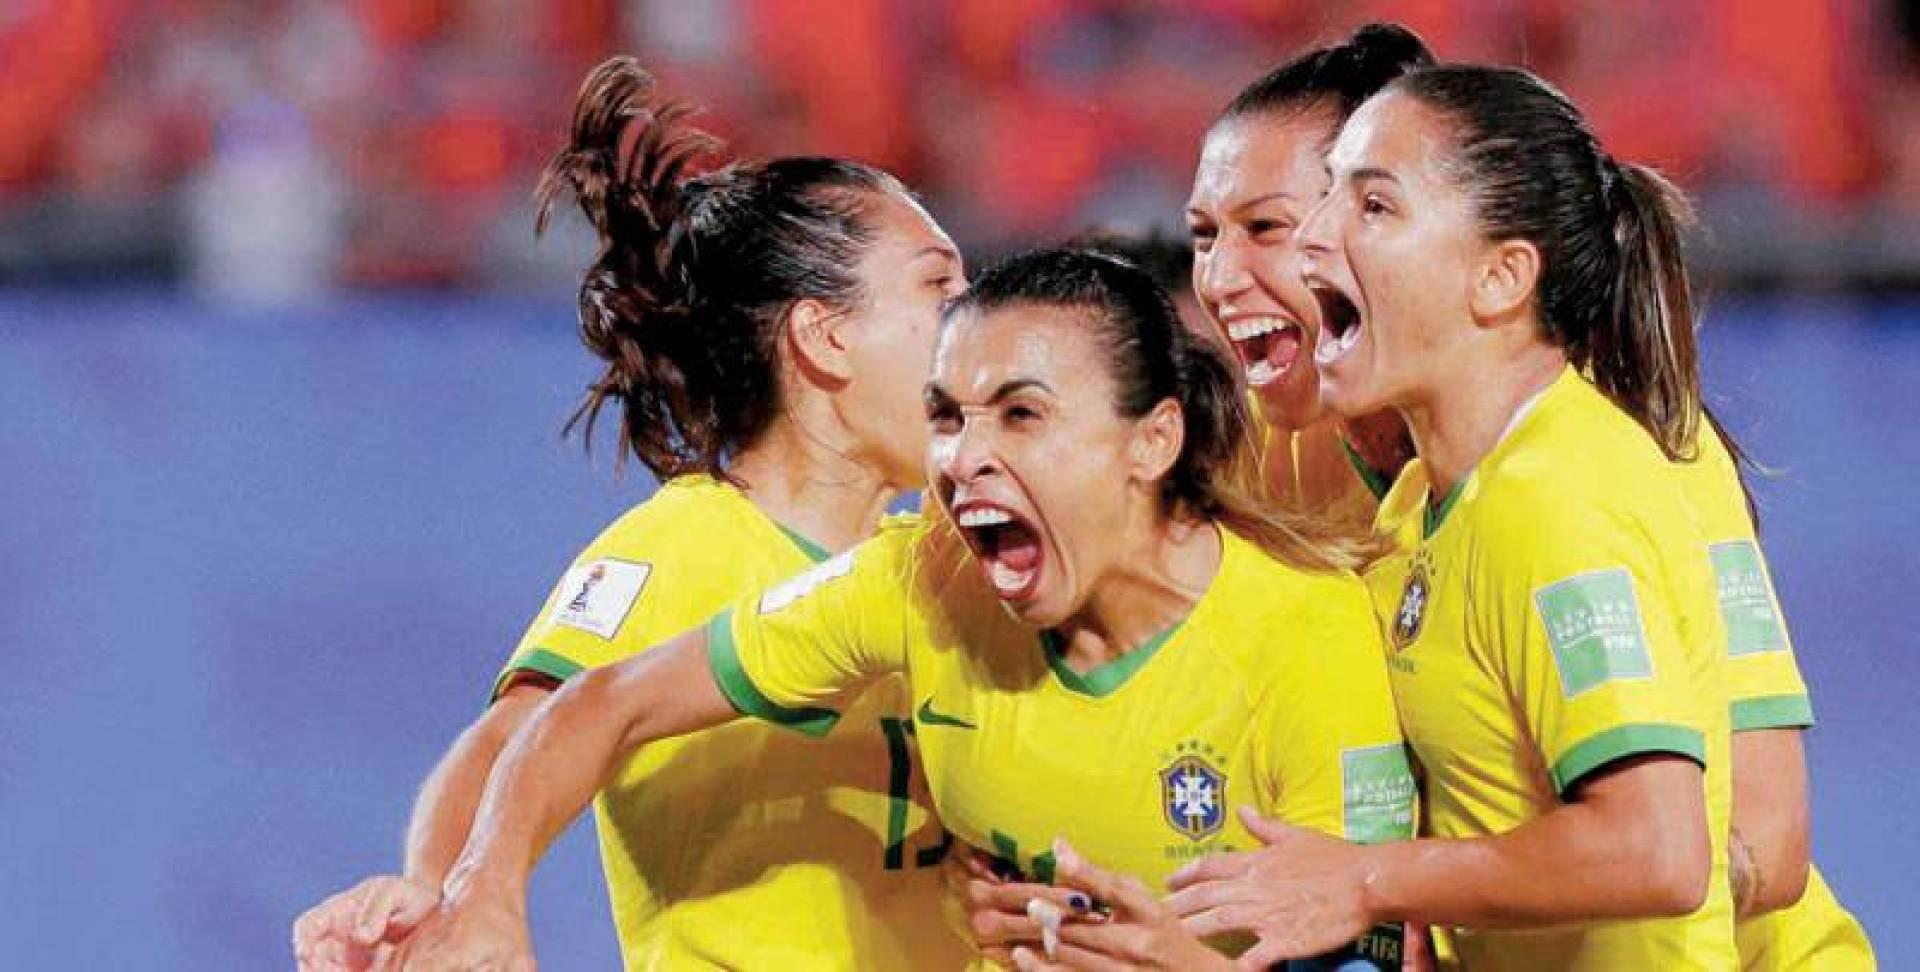 لاعبات المنتخب البرازيلي محتفلات في مناسبة سابقة